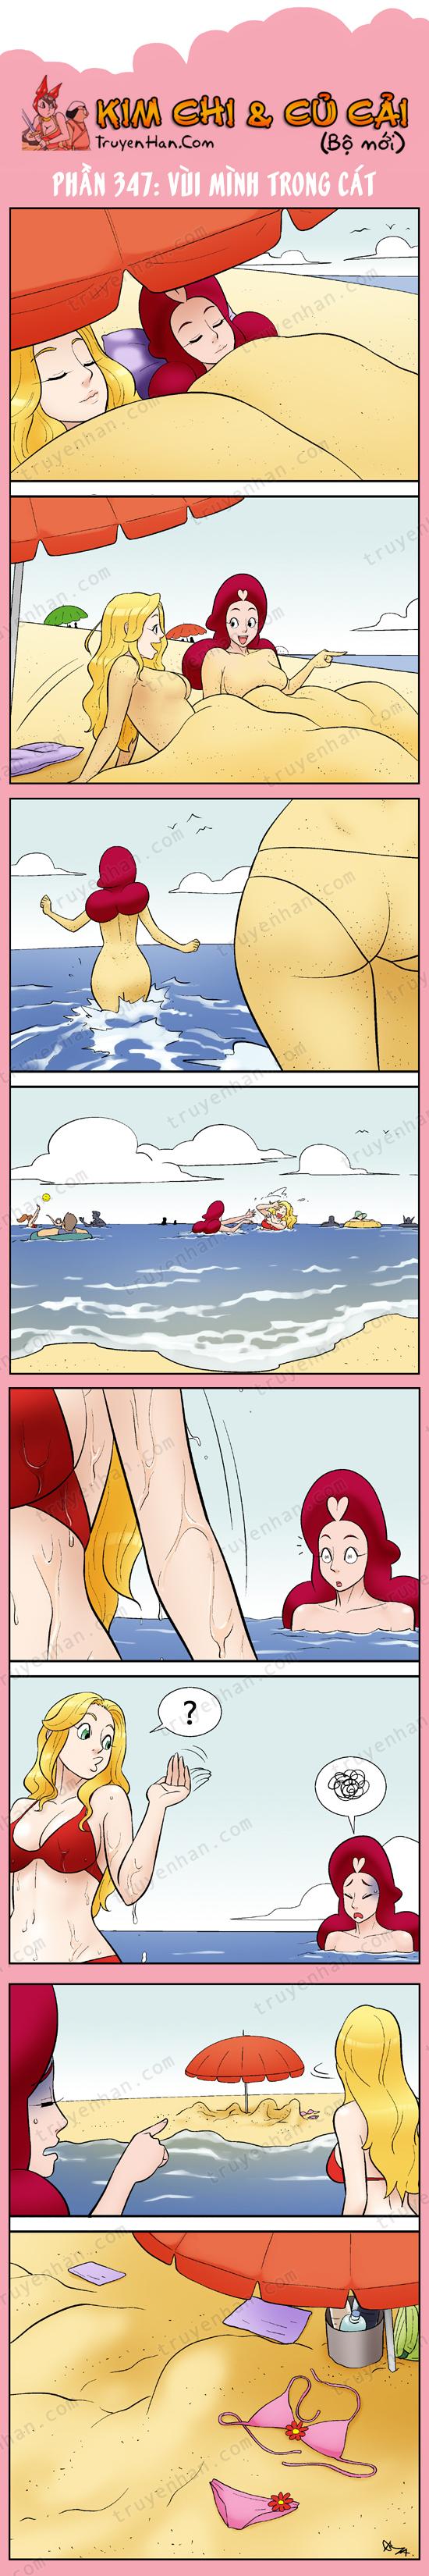 Kim Chi & Củ Cải (bộ mới) phần 347: Vùi mình trong cát